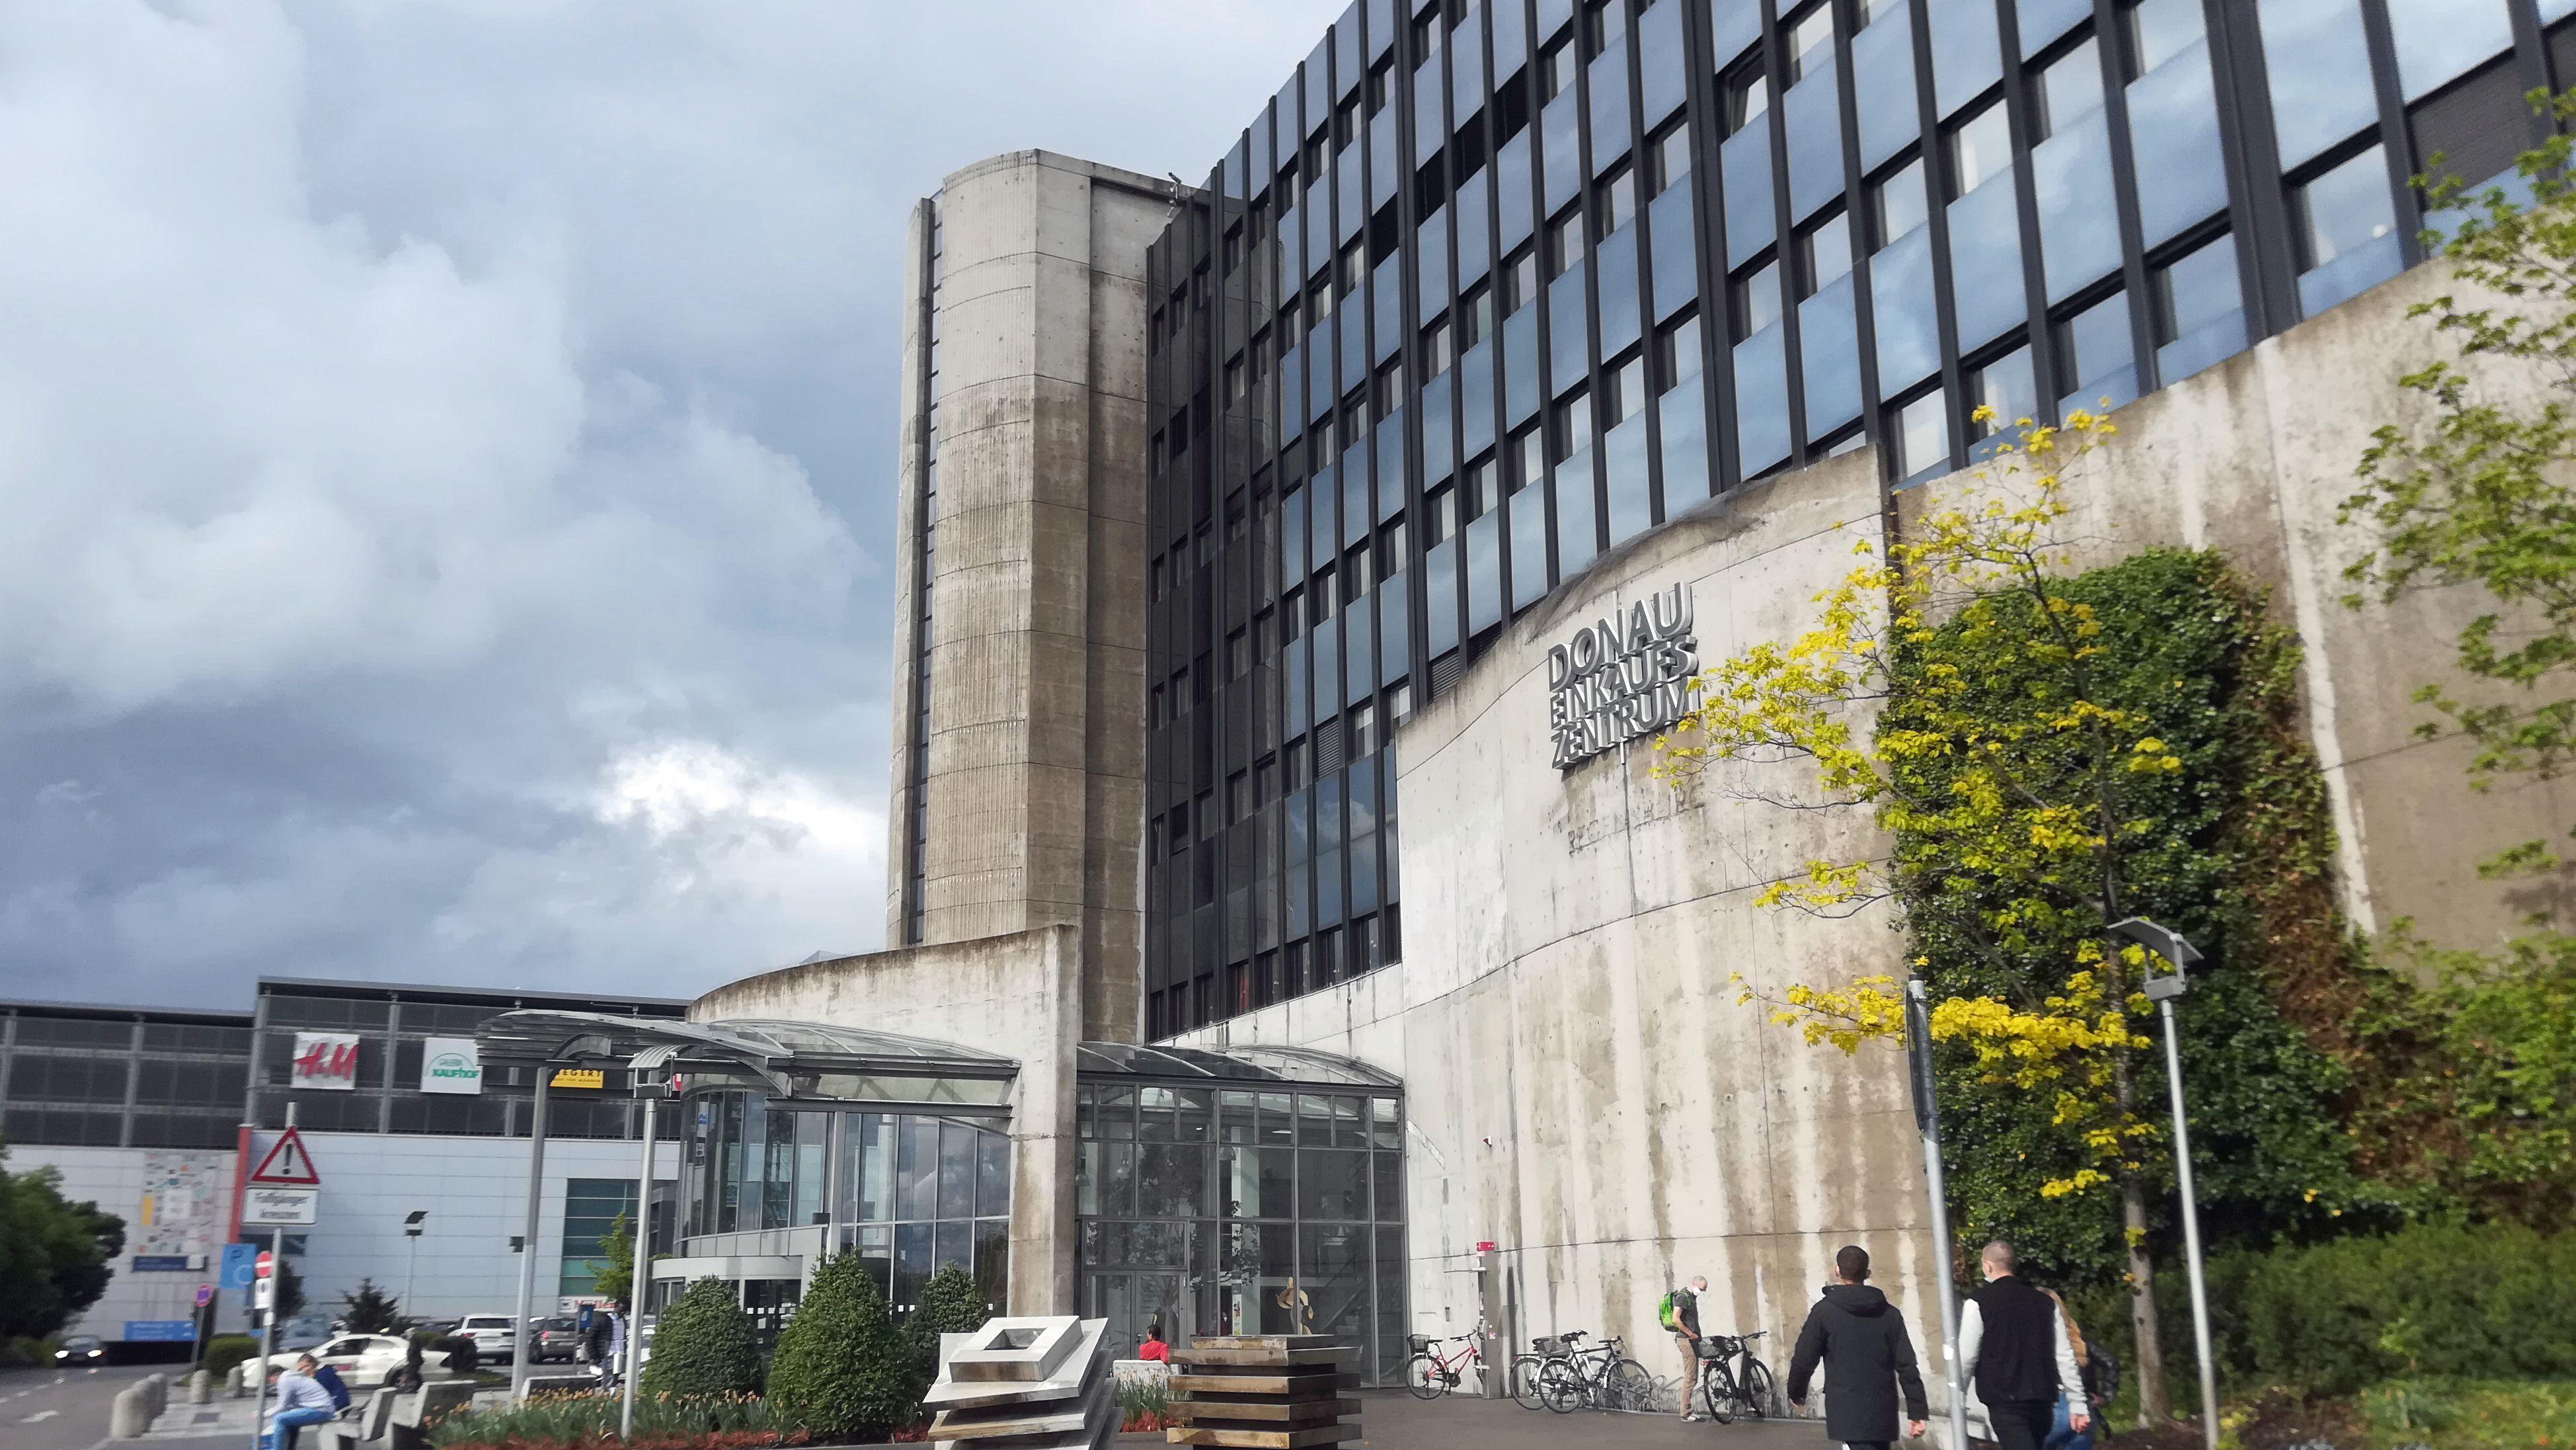 Das Donau-Einkaufszentrum in Regensburg hat eine Popularklage beim Bayerischen Verfassungsgerichtshof eingereicht.